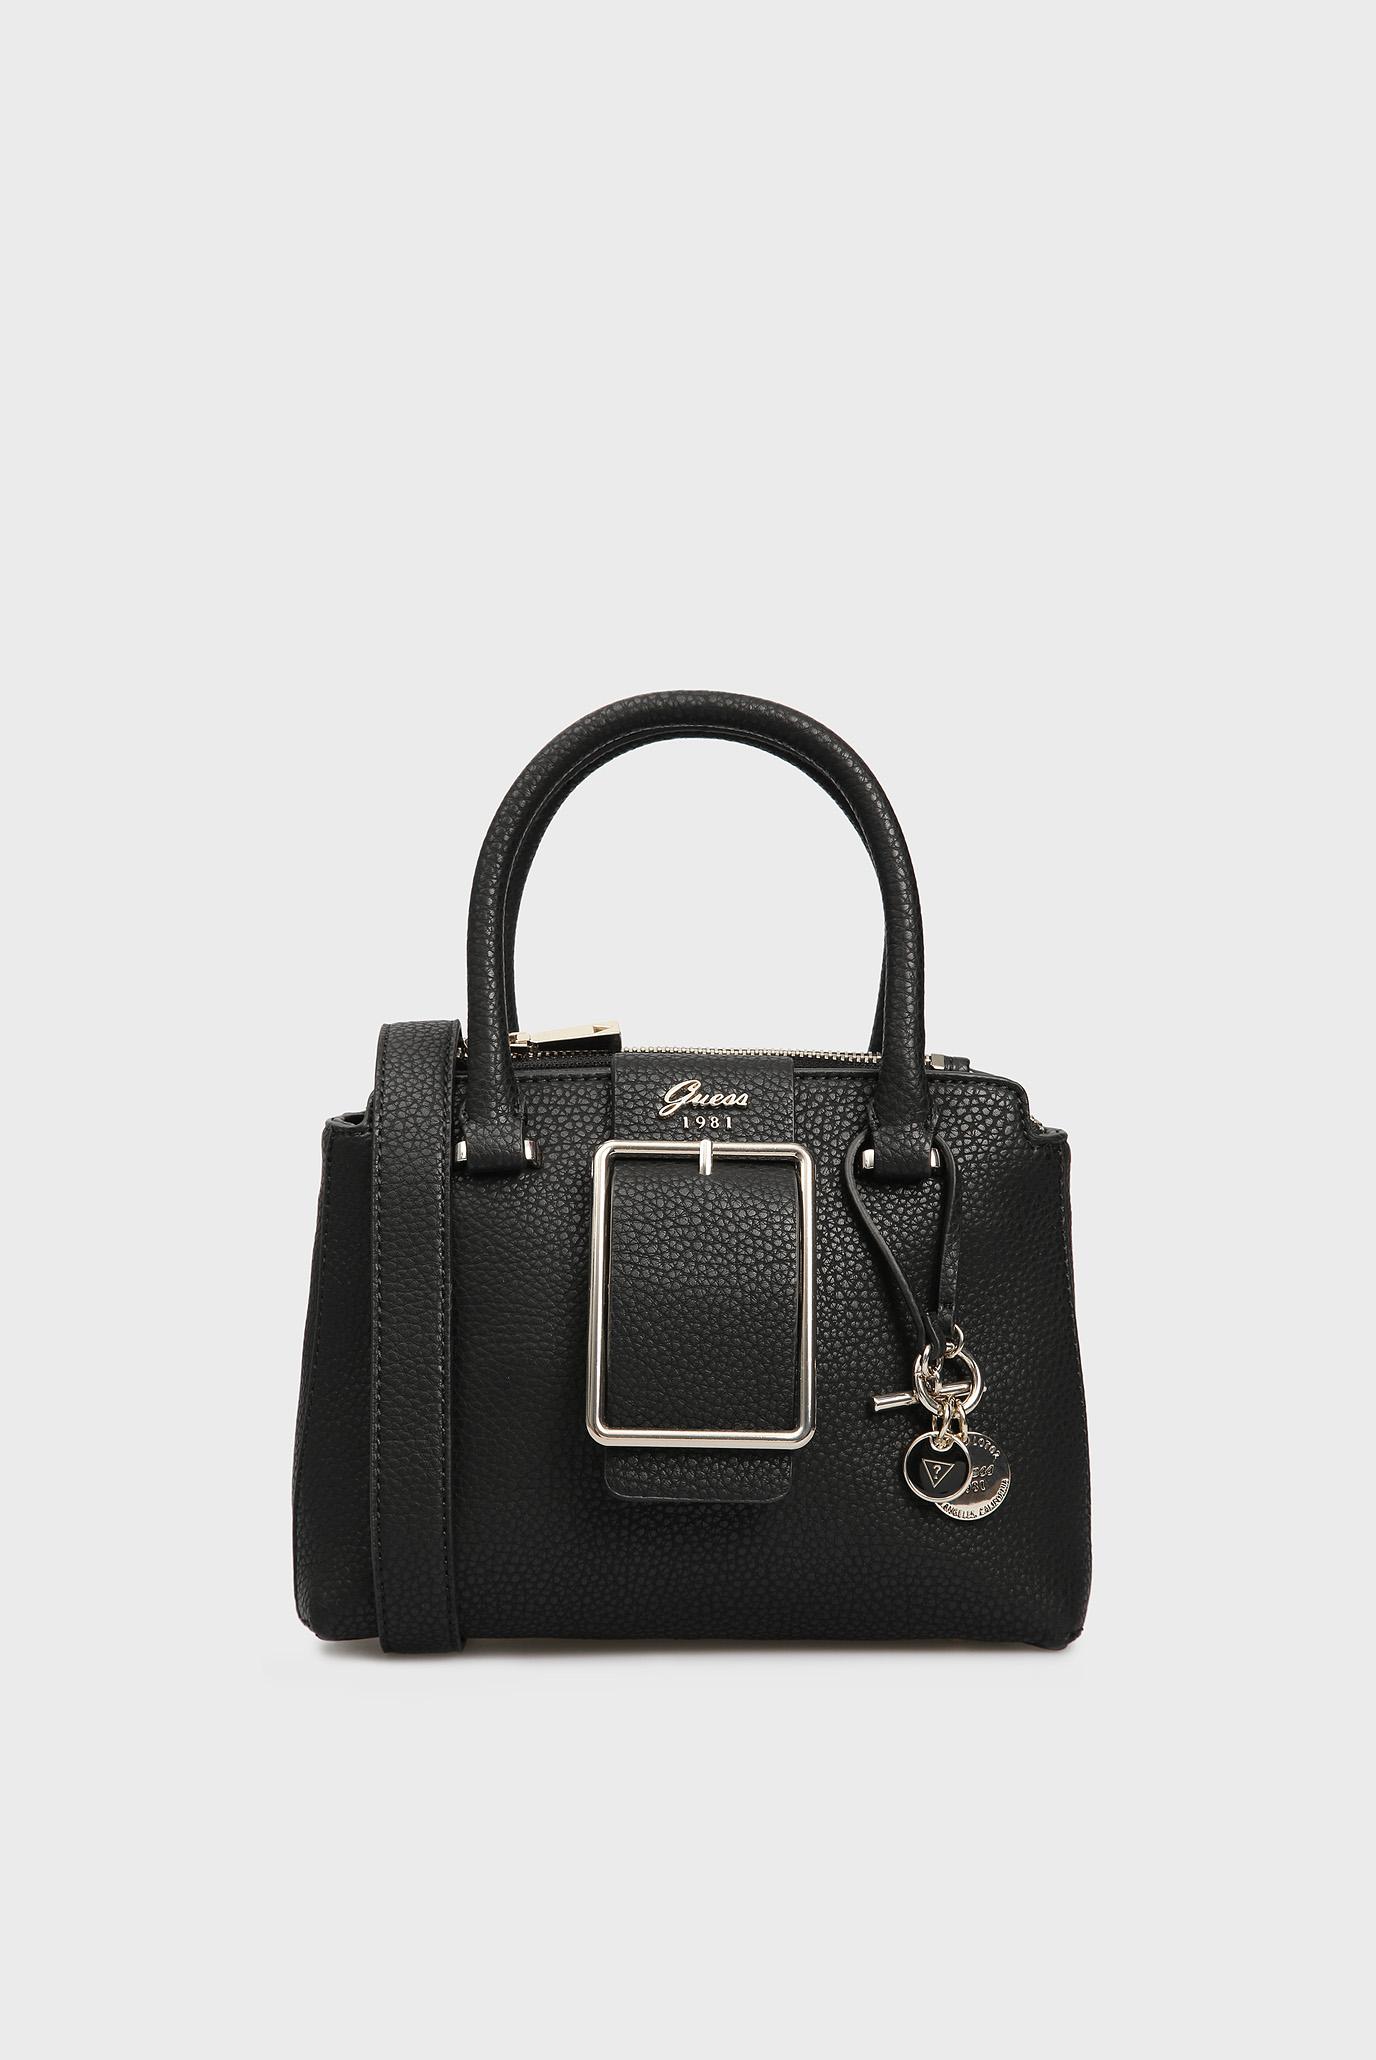 Купить Женская черная сумка на плечо Guess Guess HWBS7095050 – Киев ... f67248aaa3e91